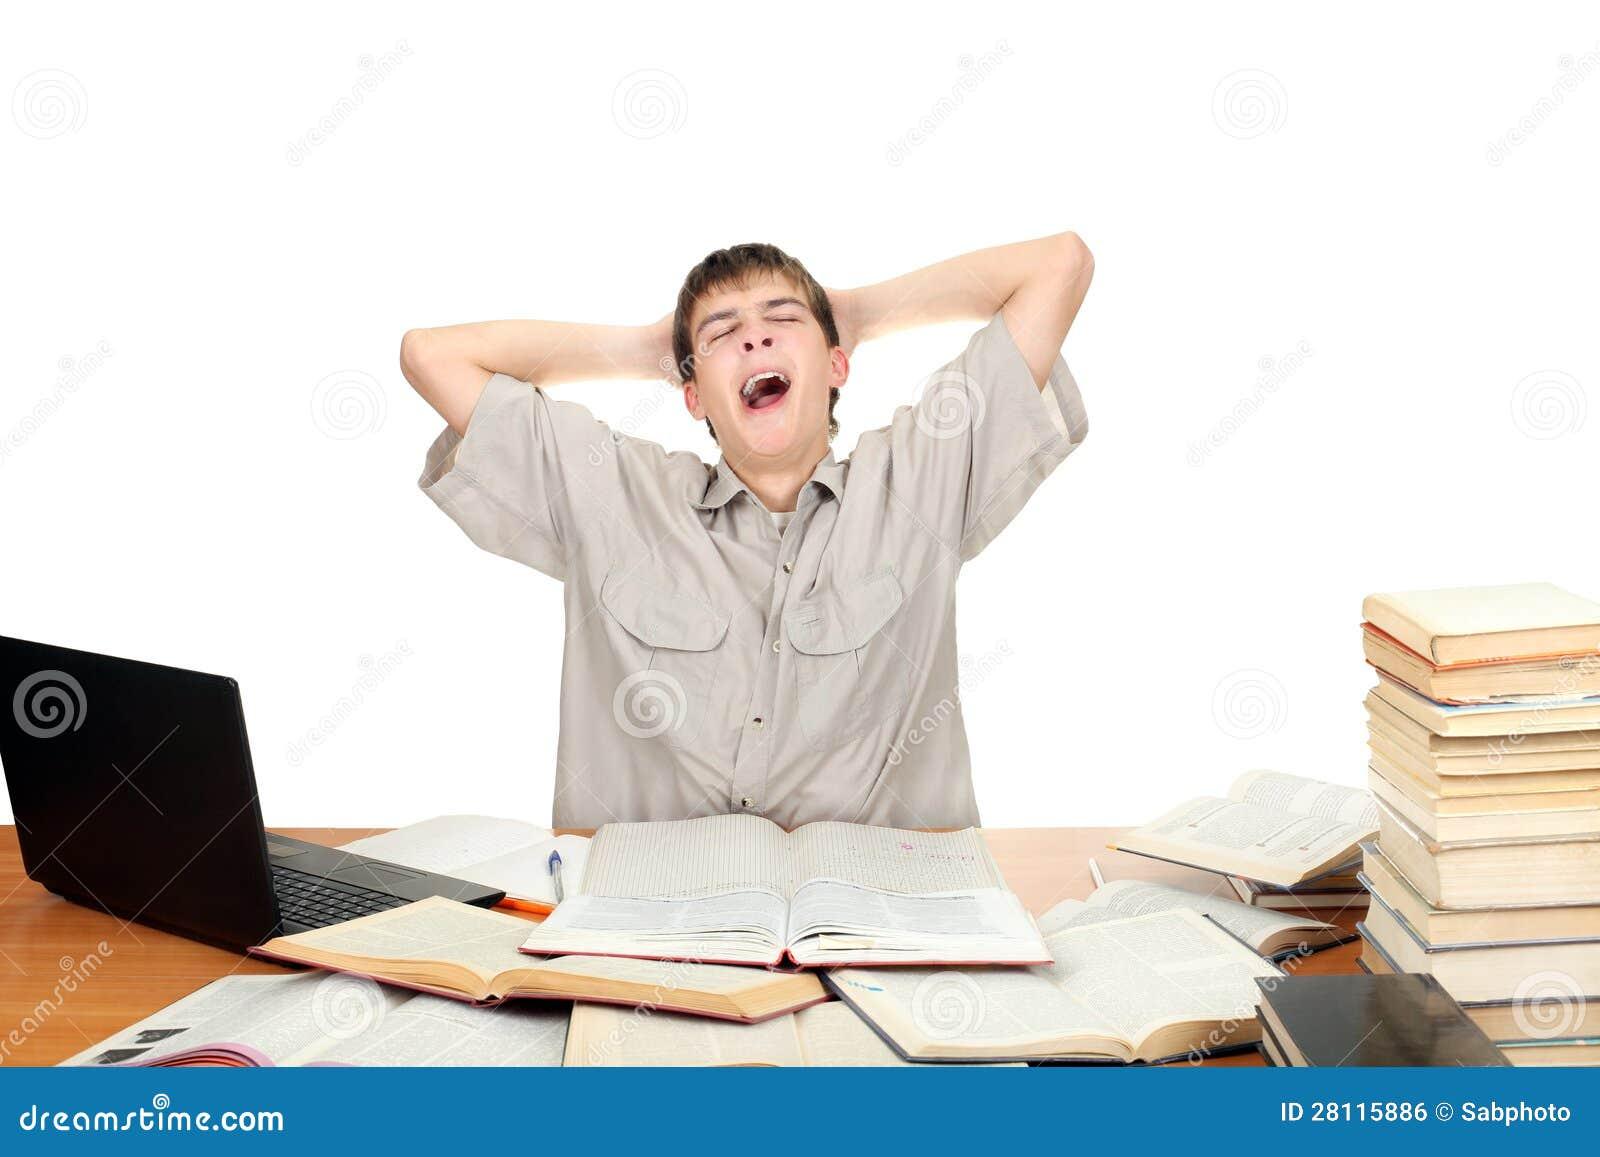 Student Yawning Royalty Free Stock Image - Image: 28115886